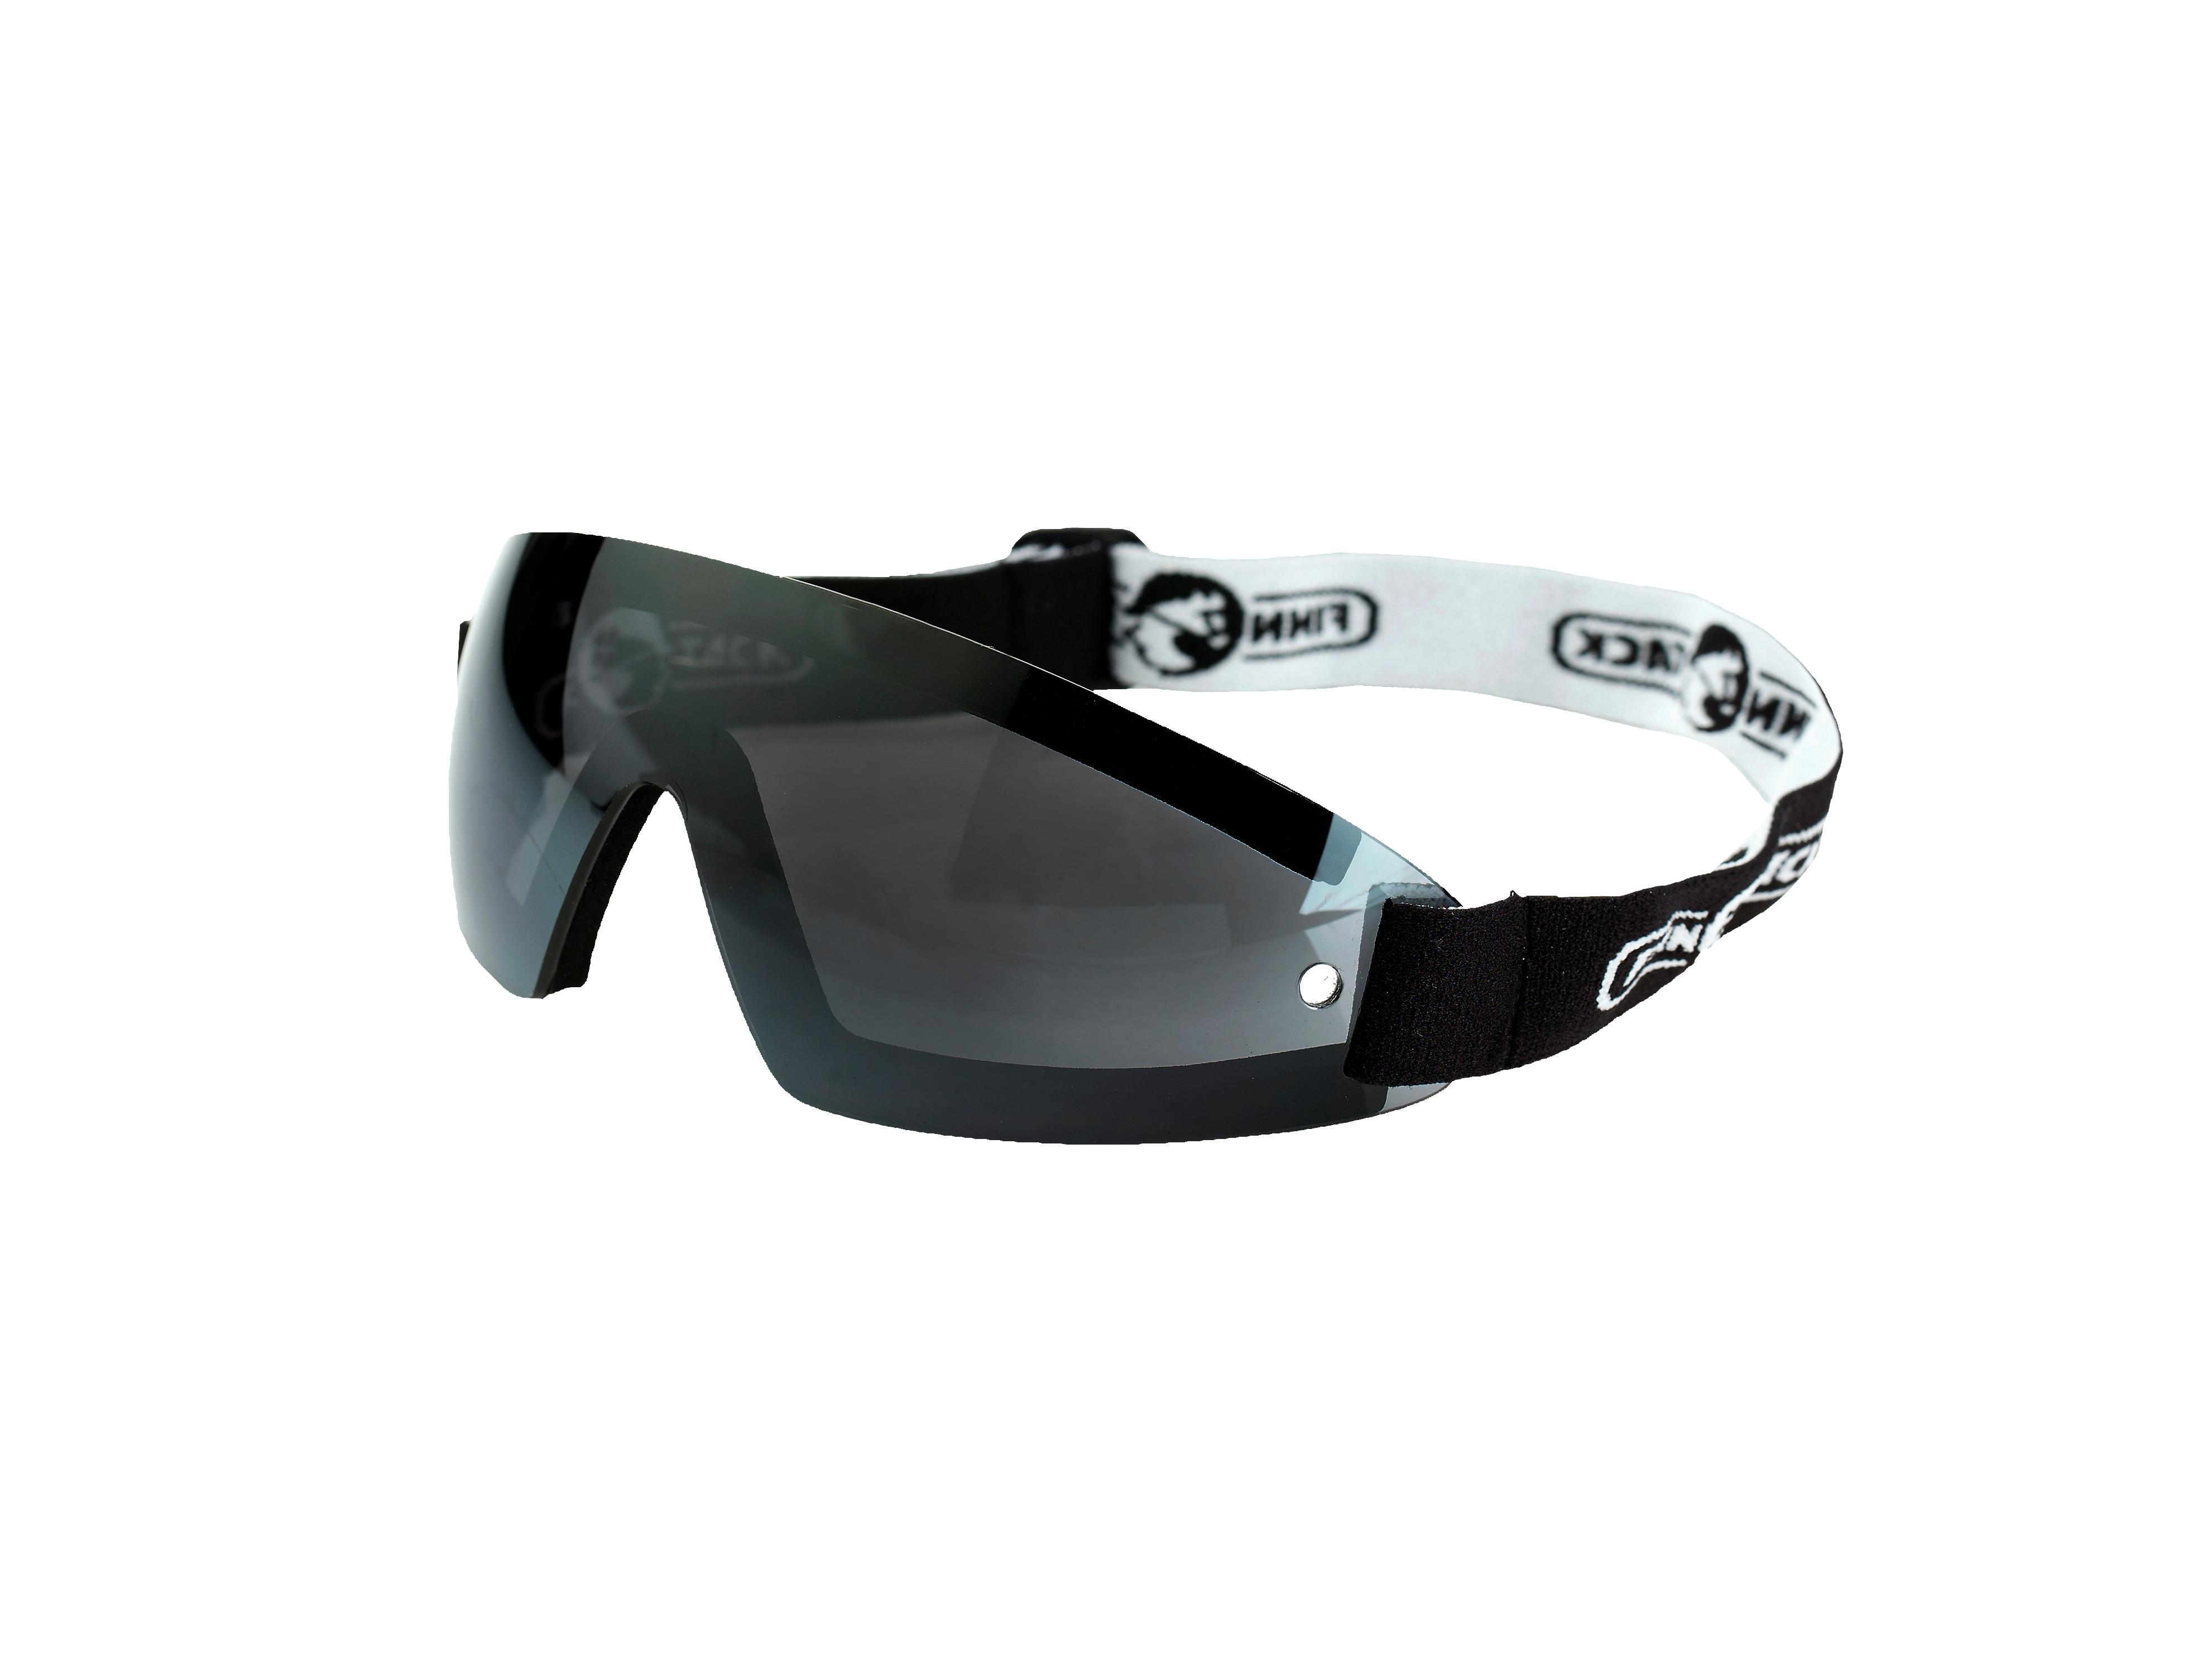 Pro løpsbriller